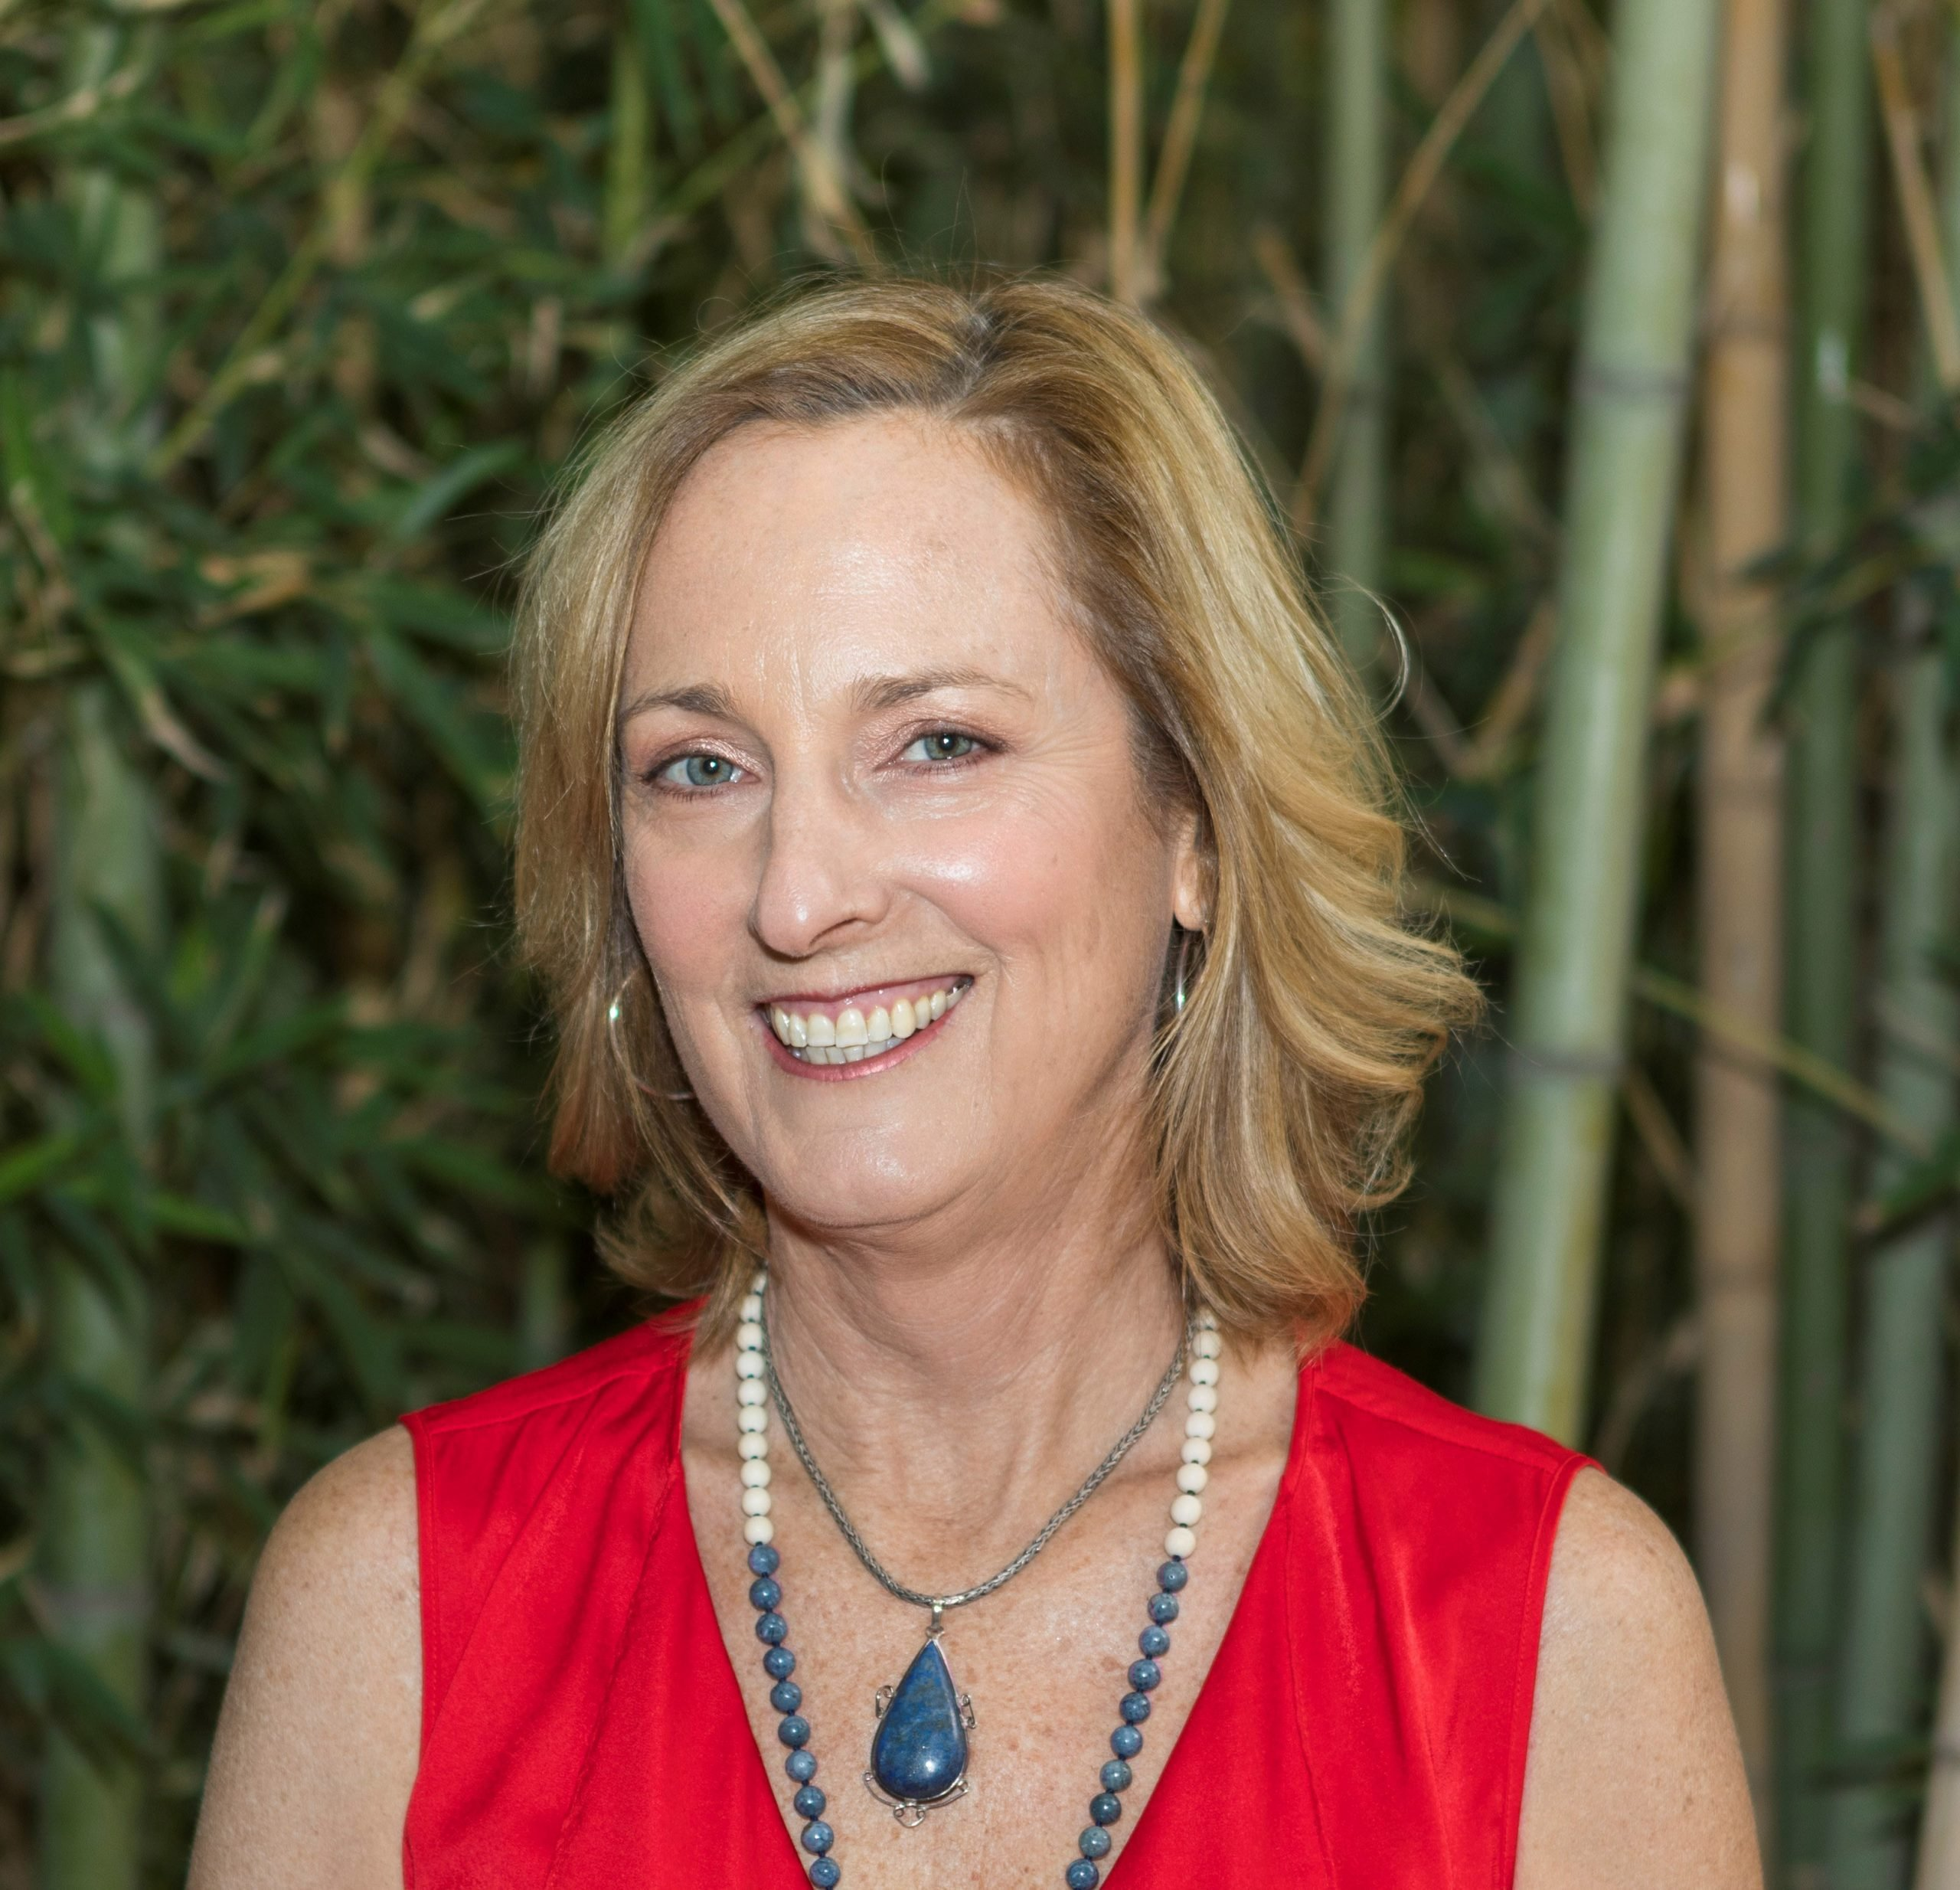 Carolyn will be balancing chakra energies with crystals